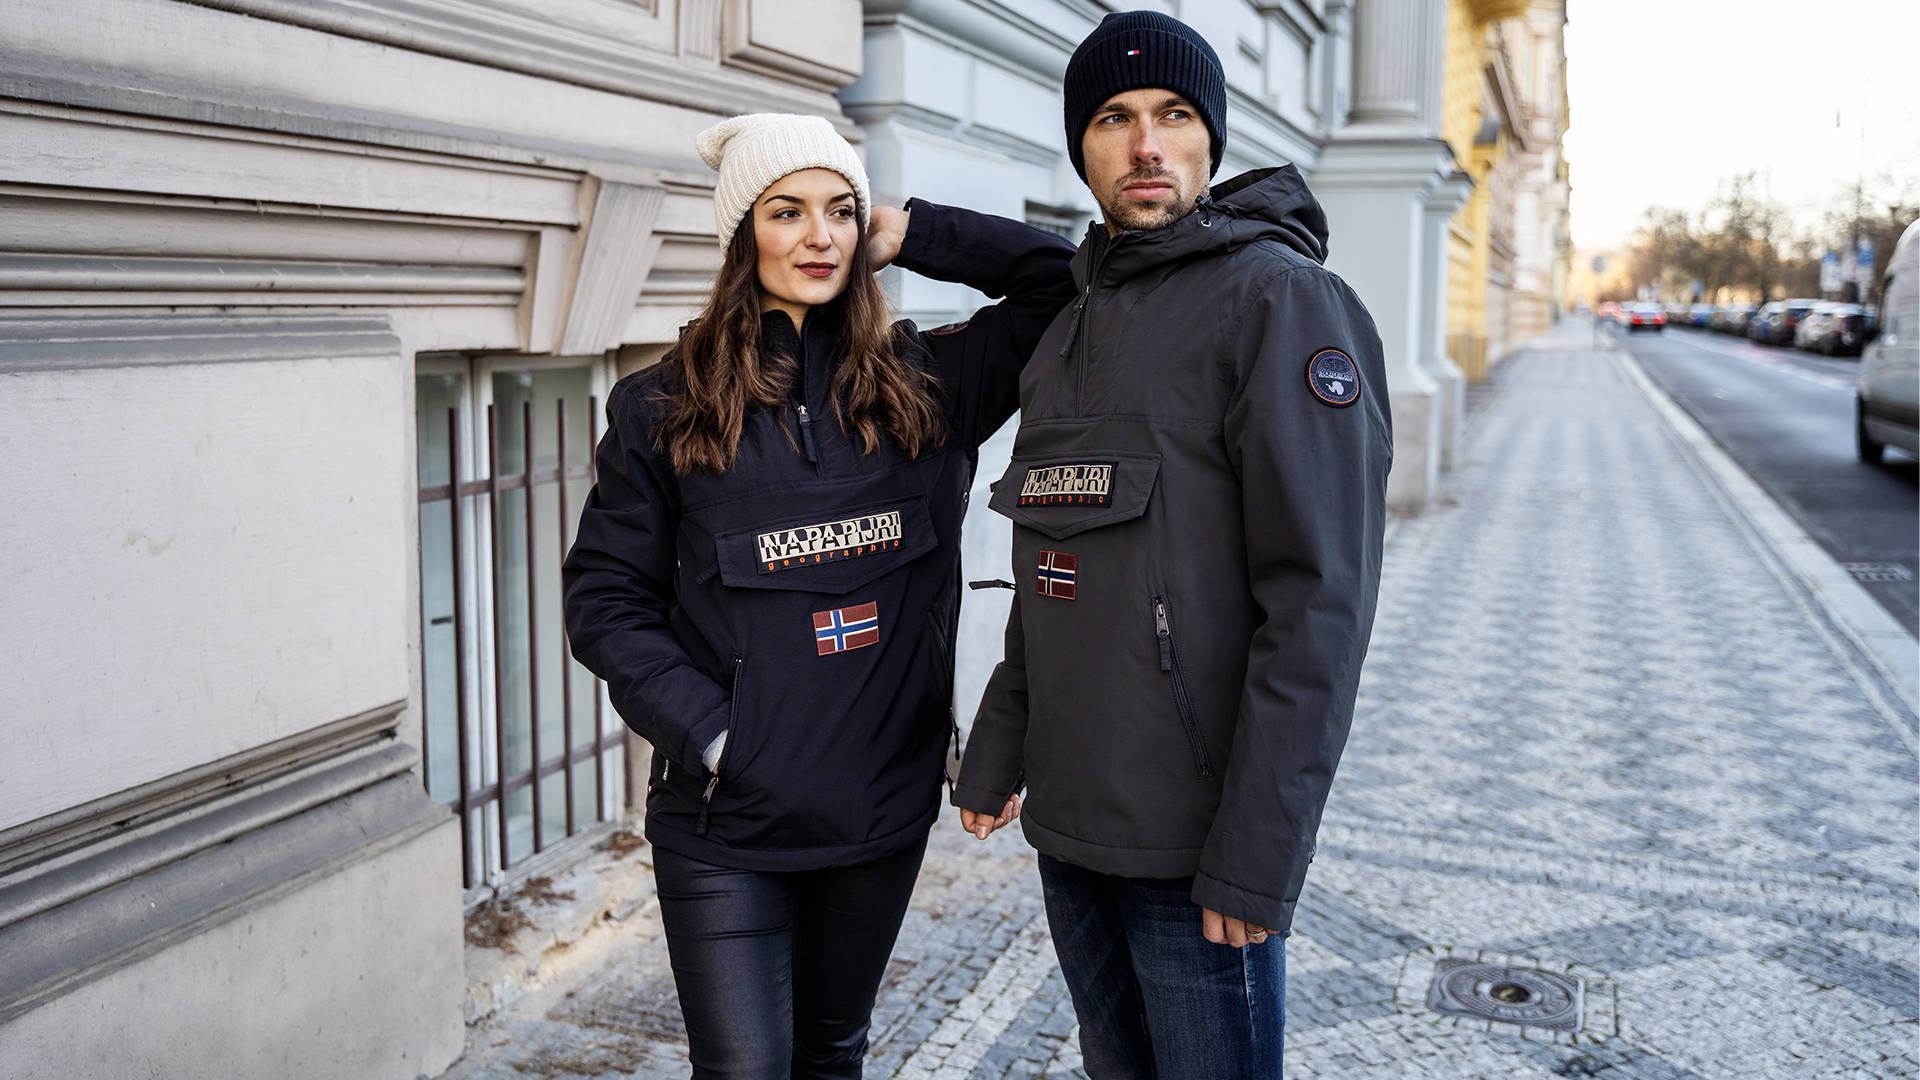 Zazimuj se ve streetwear stylu